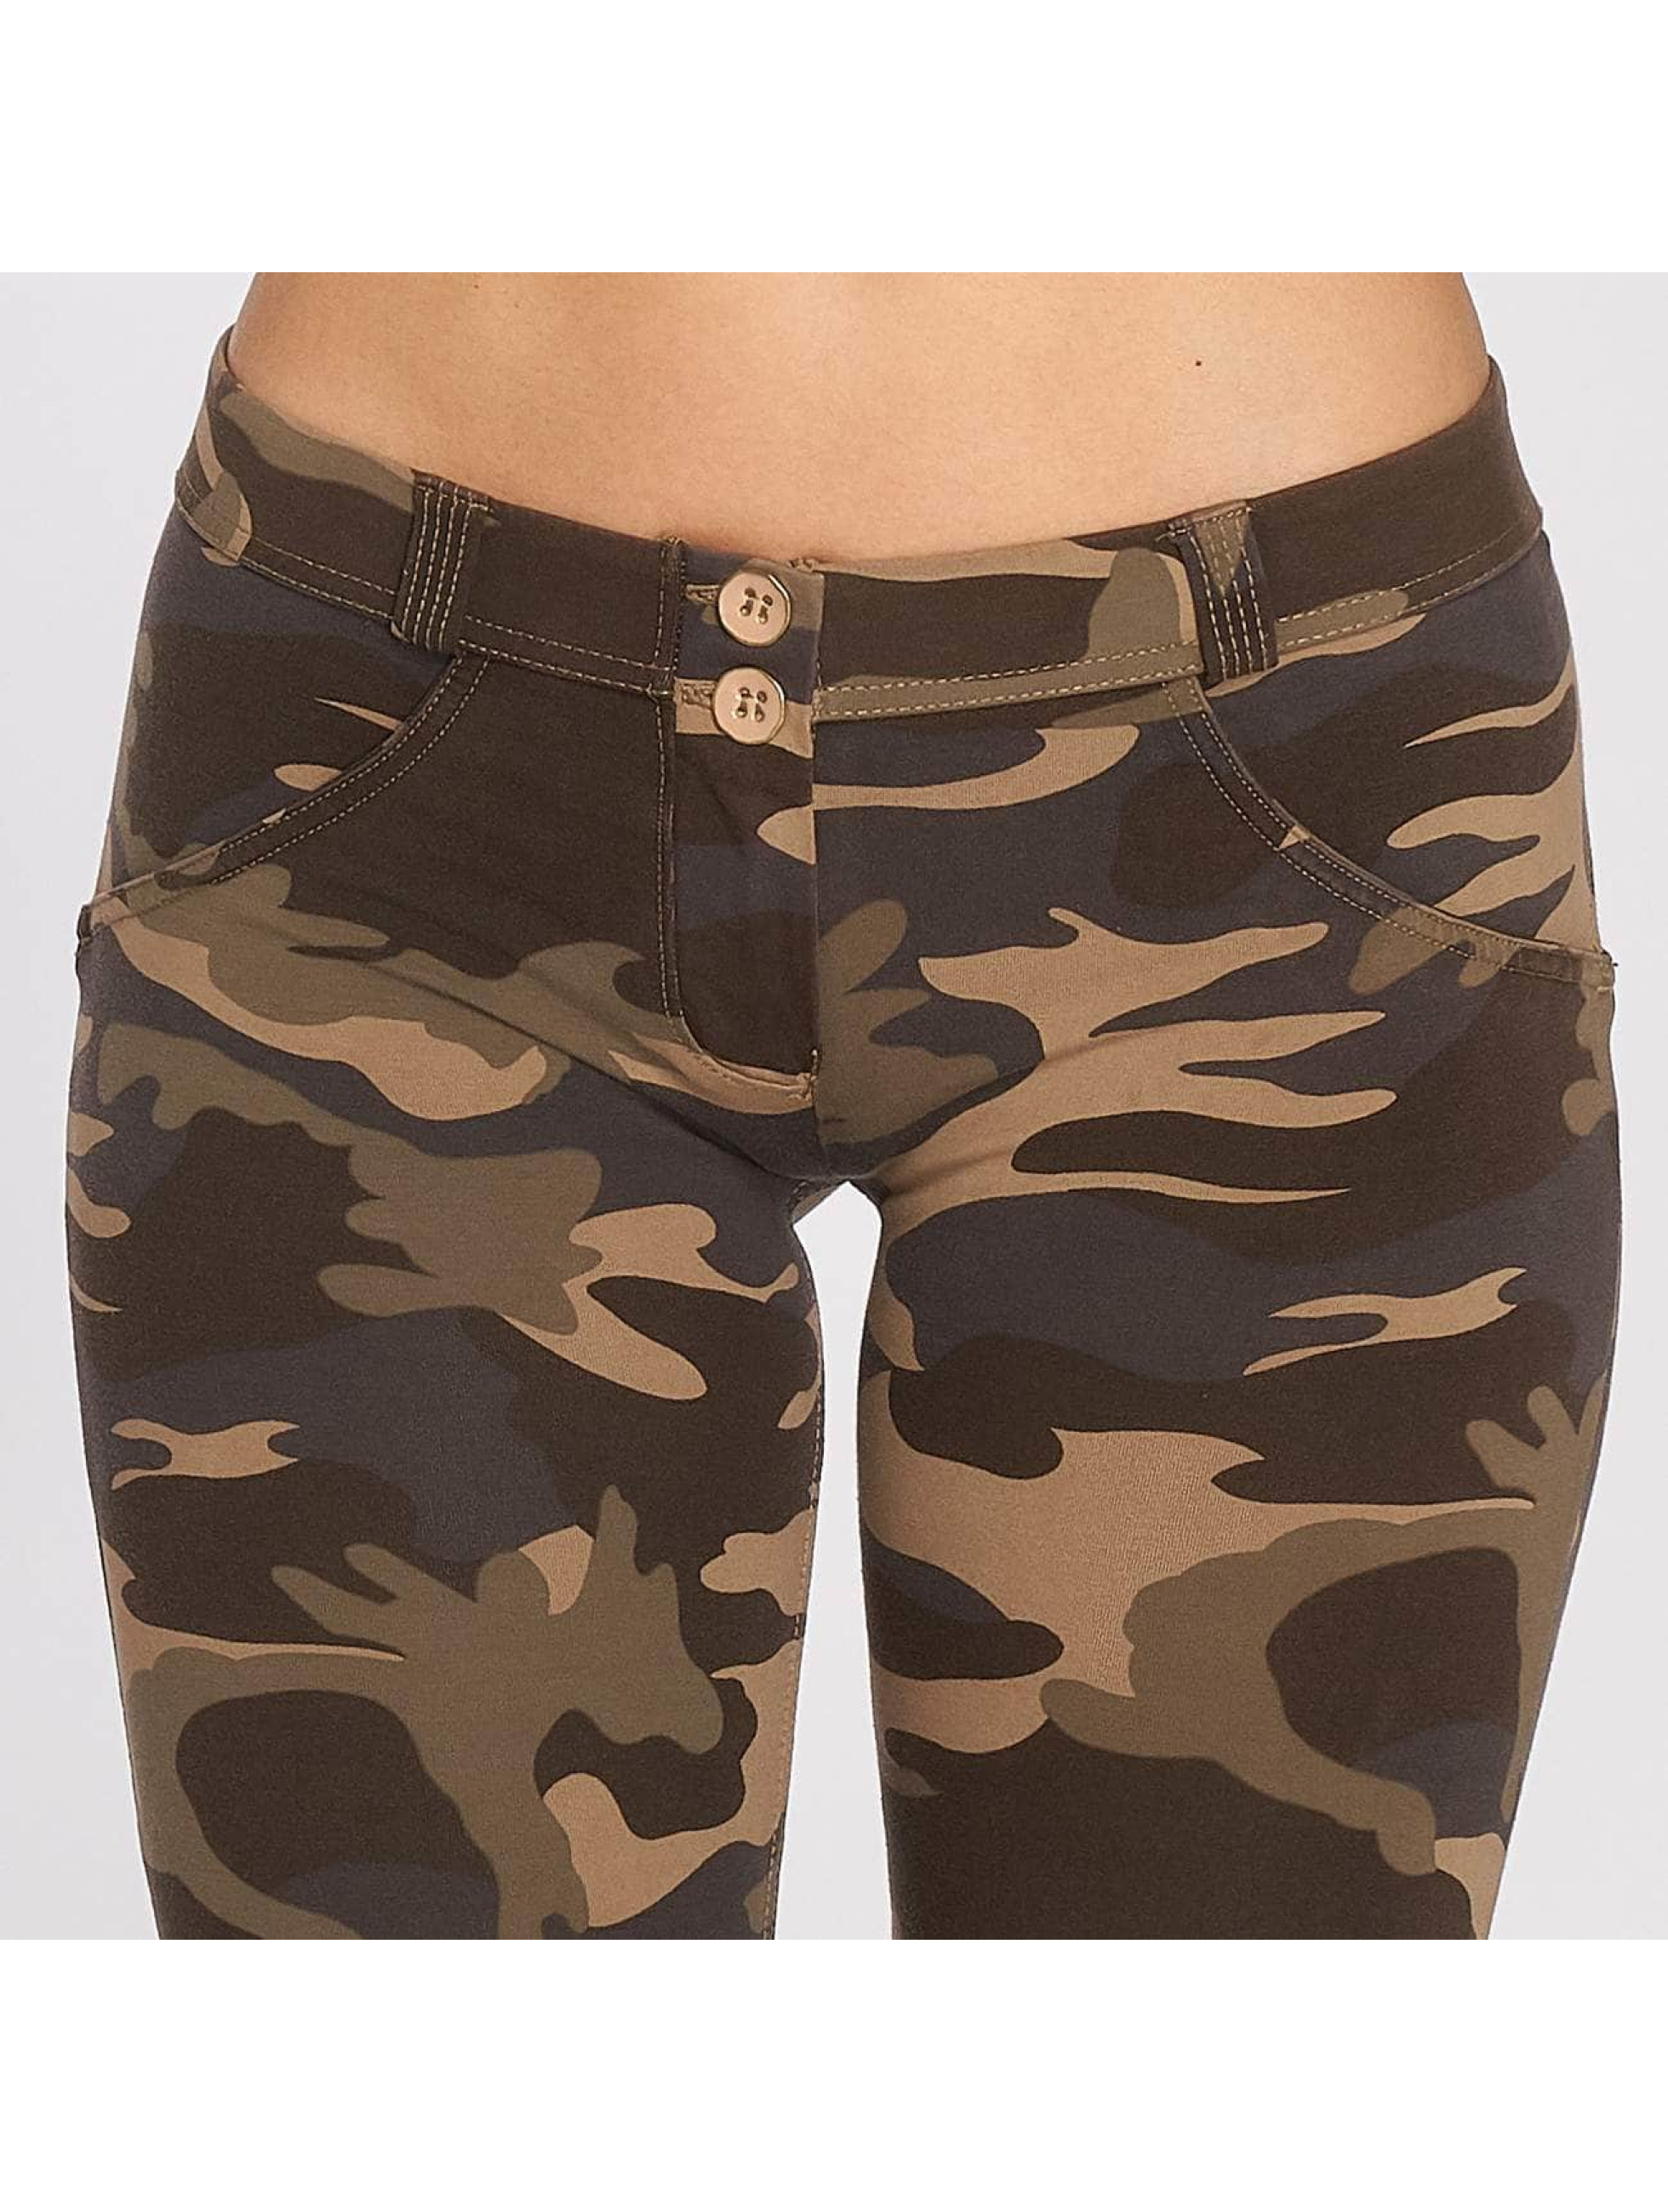 Freddy Облегающие джинсы Pantalone Lunga камуфляж